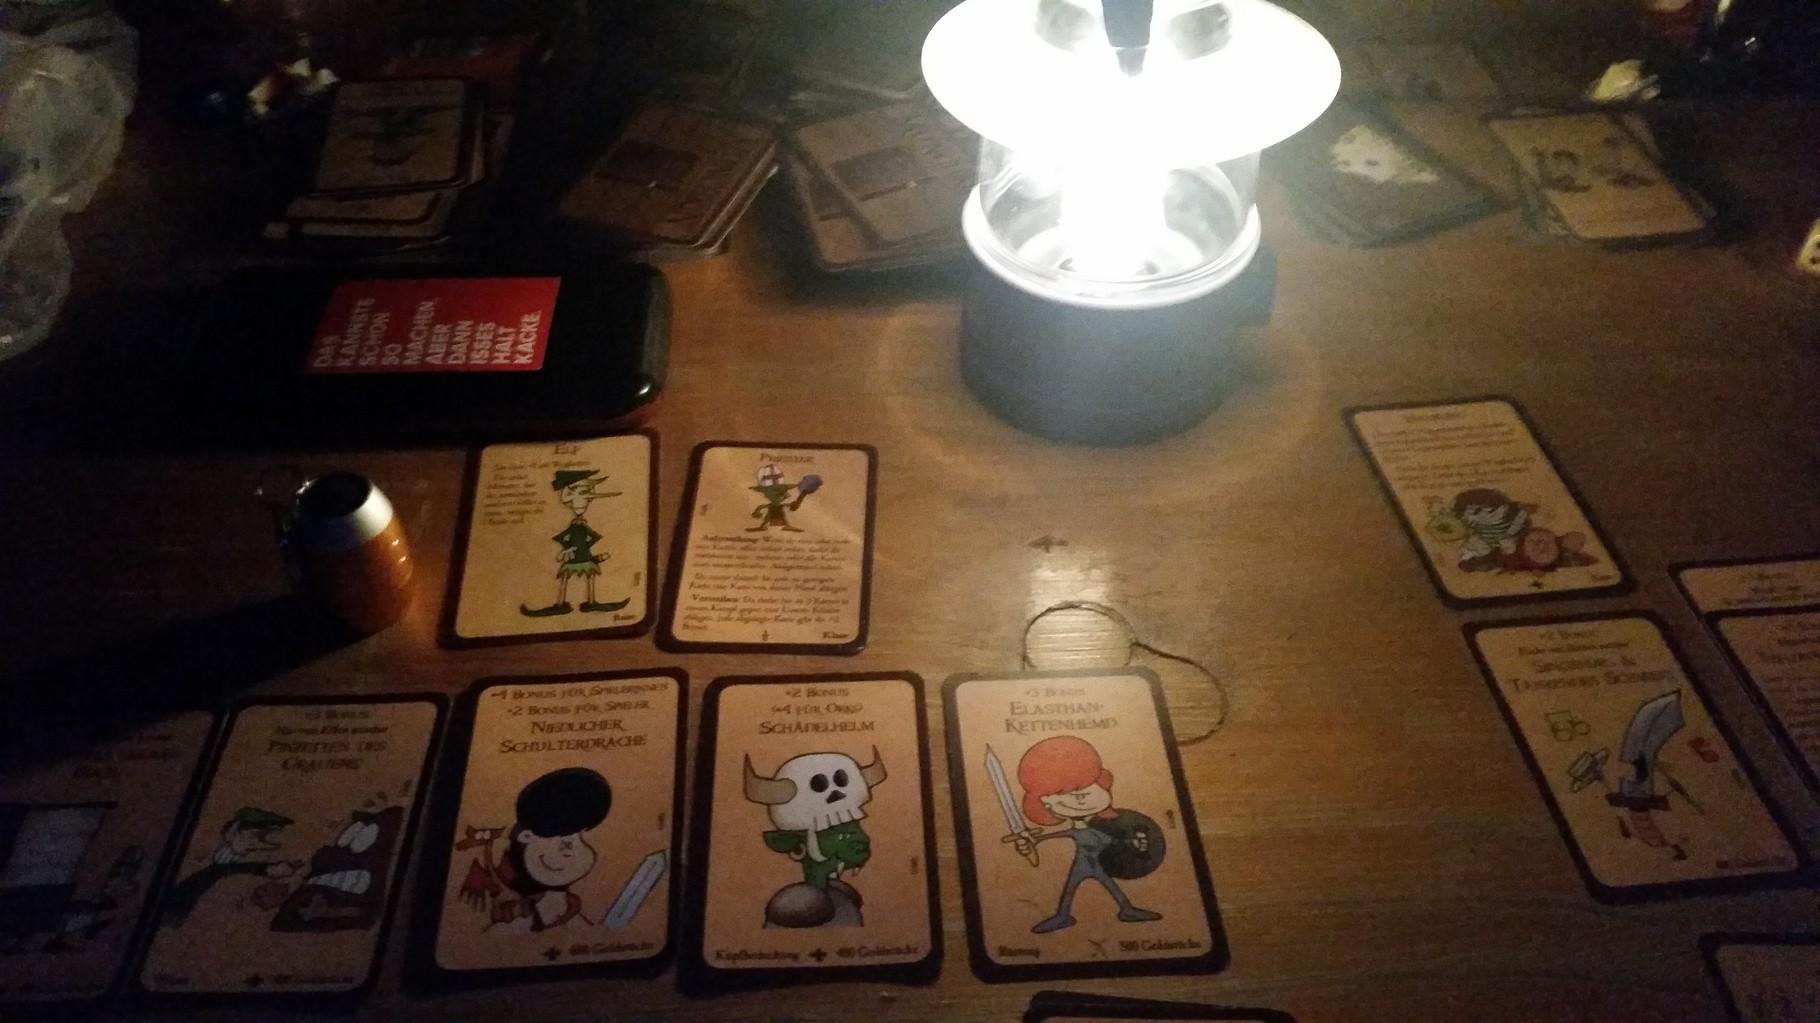 Eine entspannende Munchkin runde in der Nacht mit Lampen durfte nicht fehlen. Das war mega toll.